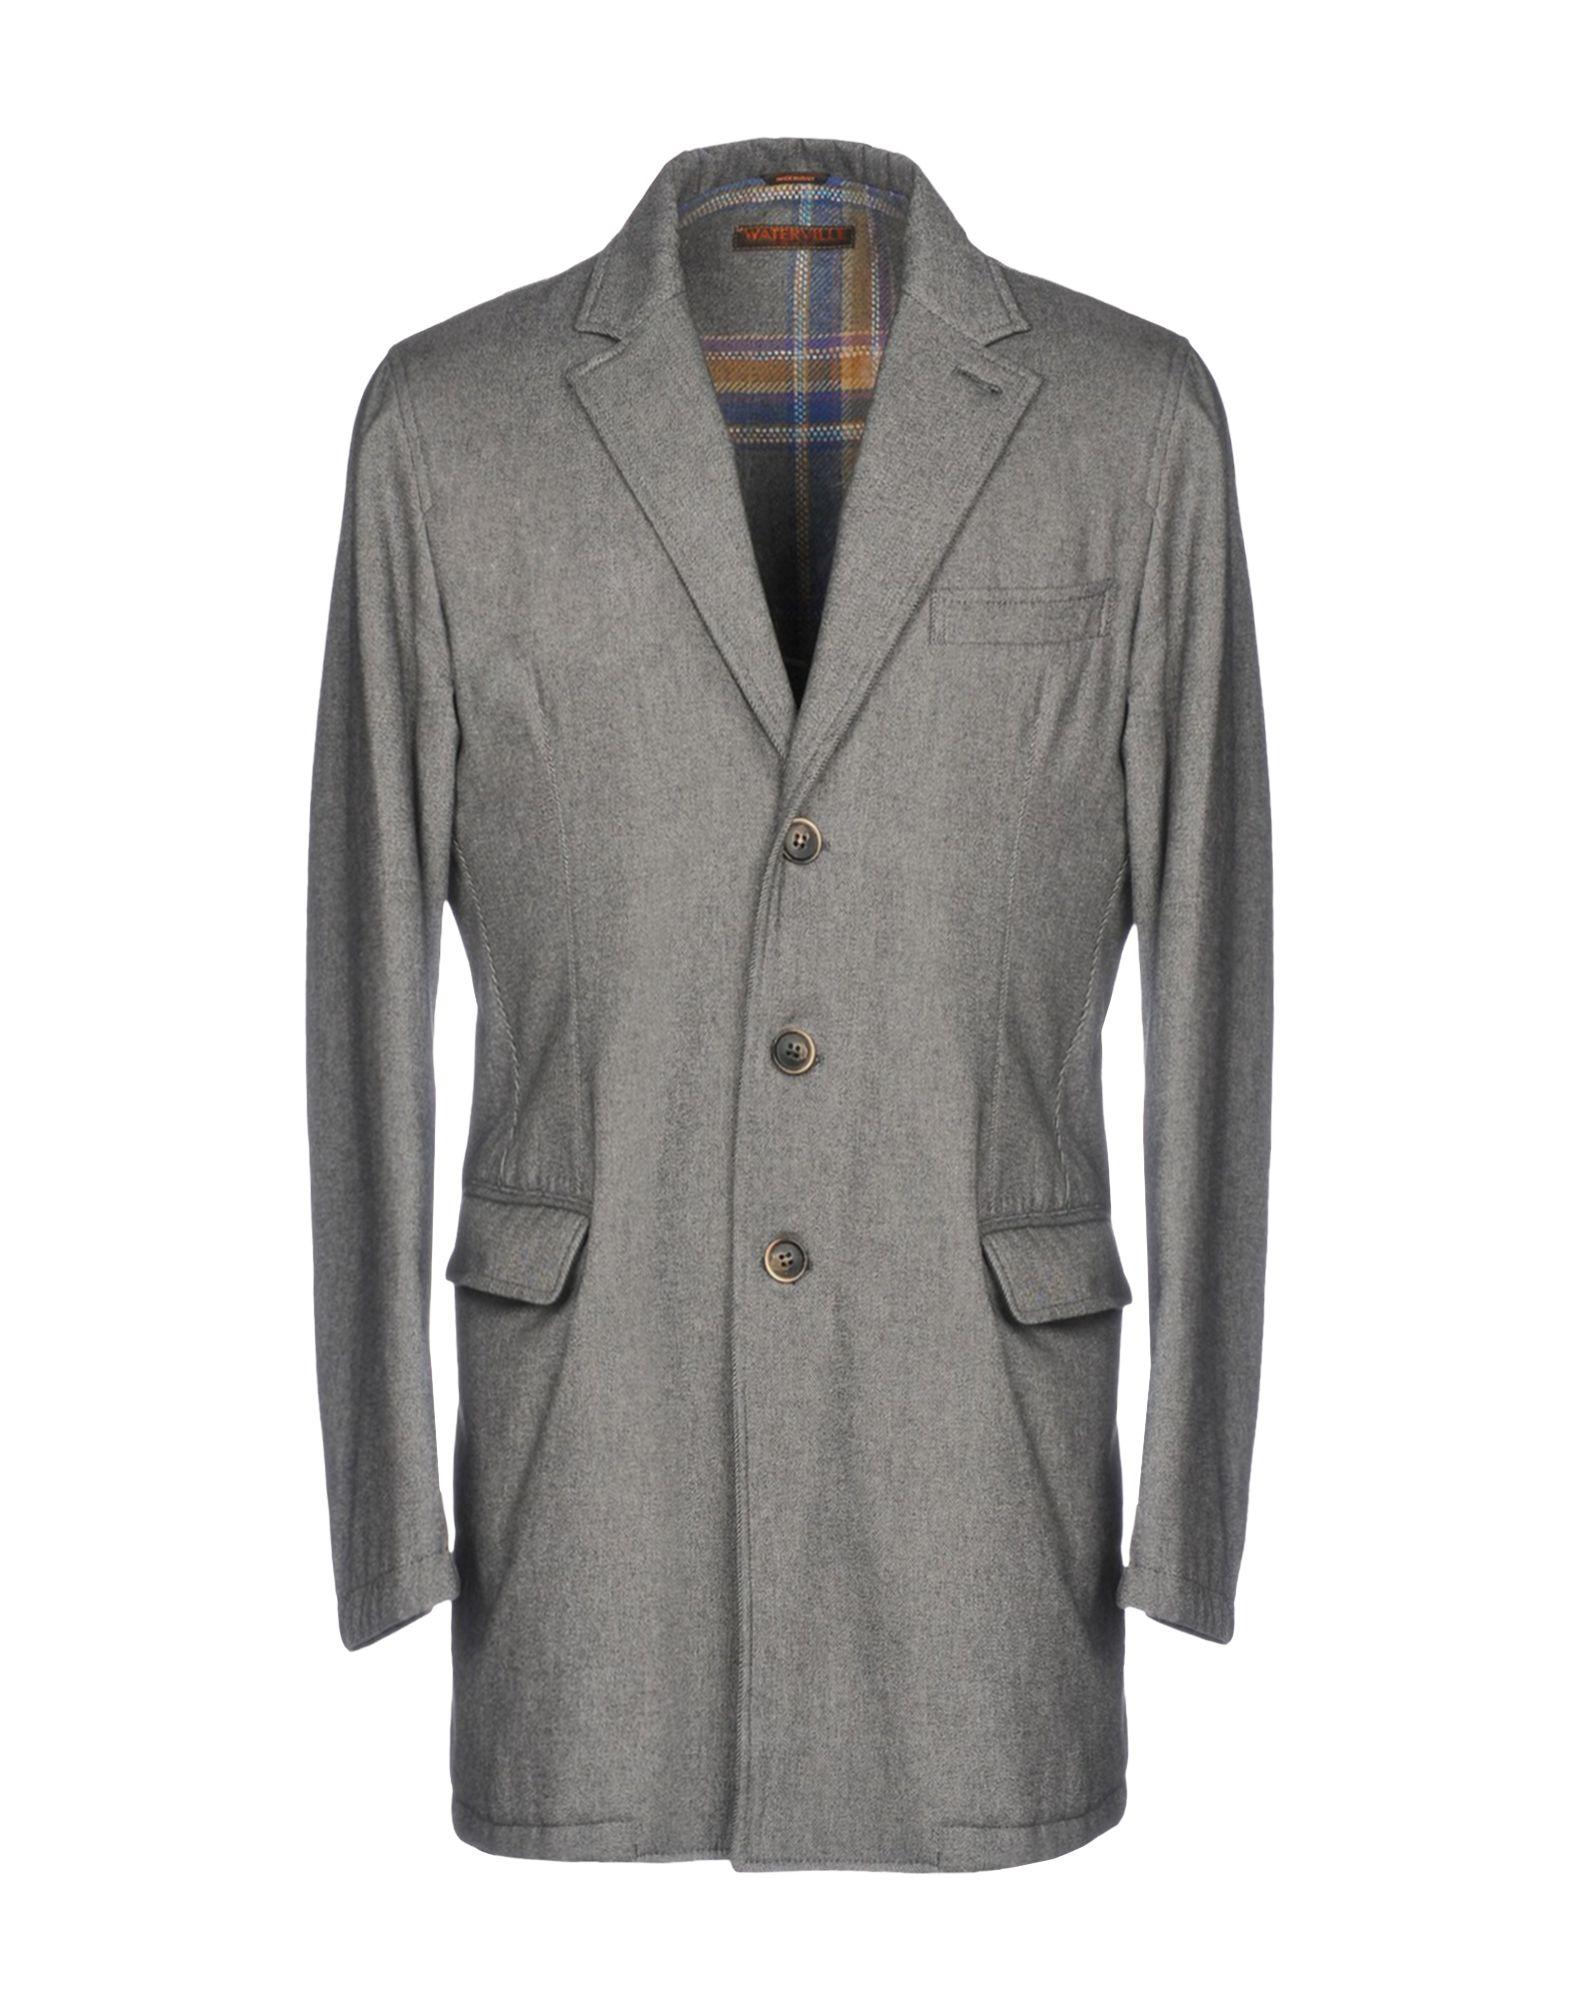 《送料無料》WATERVILLE メンズ コート グレー 50 ナイロン 100%